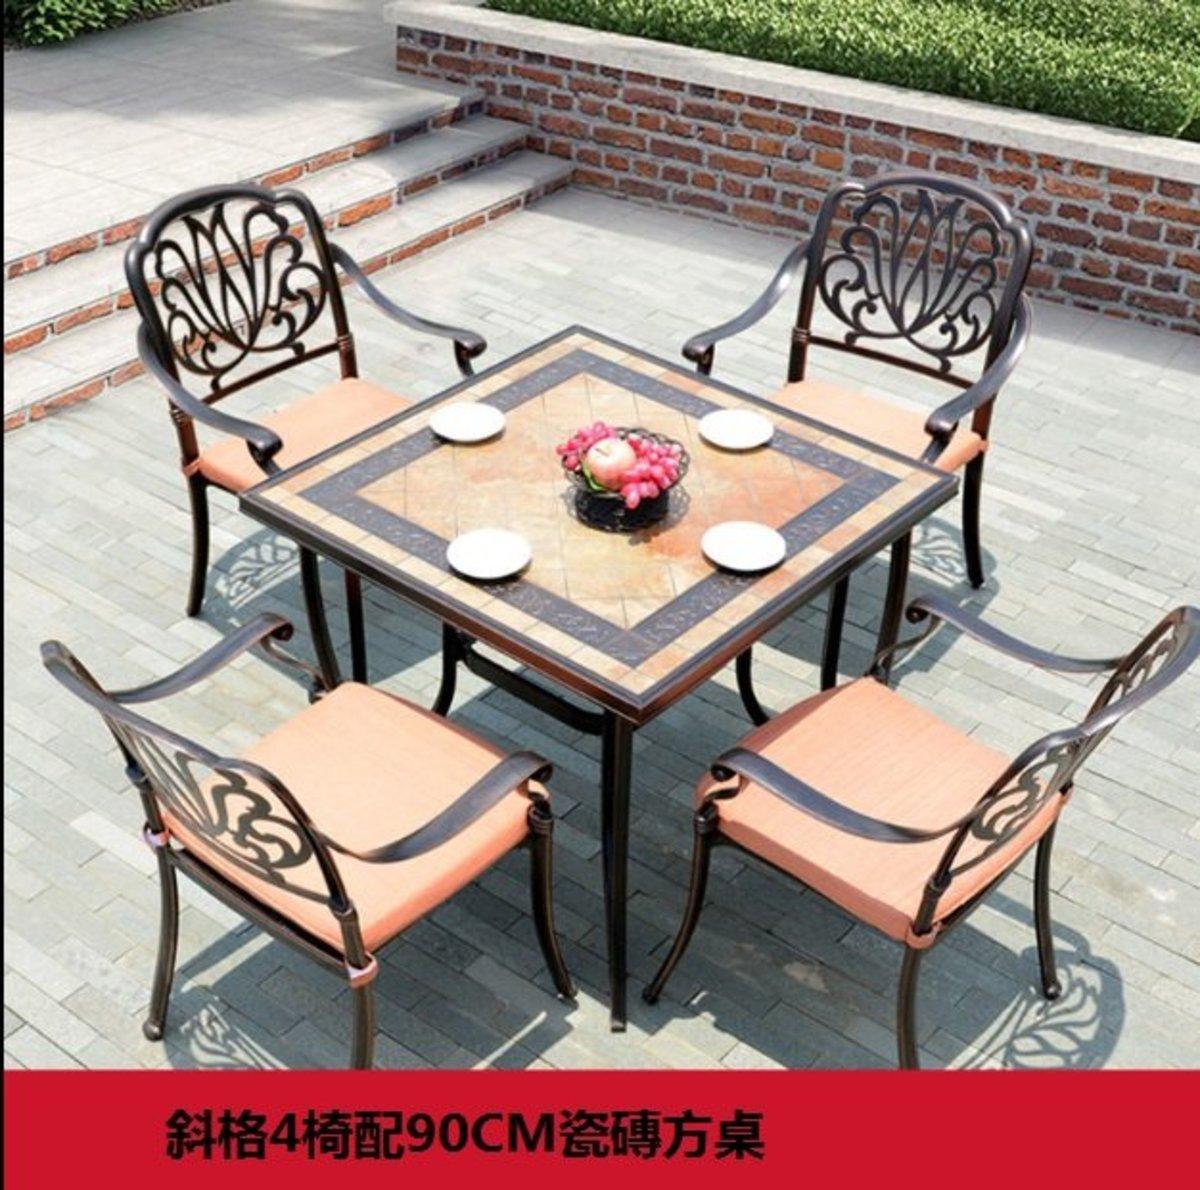 歐式鐵藝防水防曬桌椅(斜格4椅配90CM瓷磚方桌)